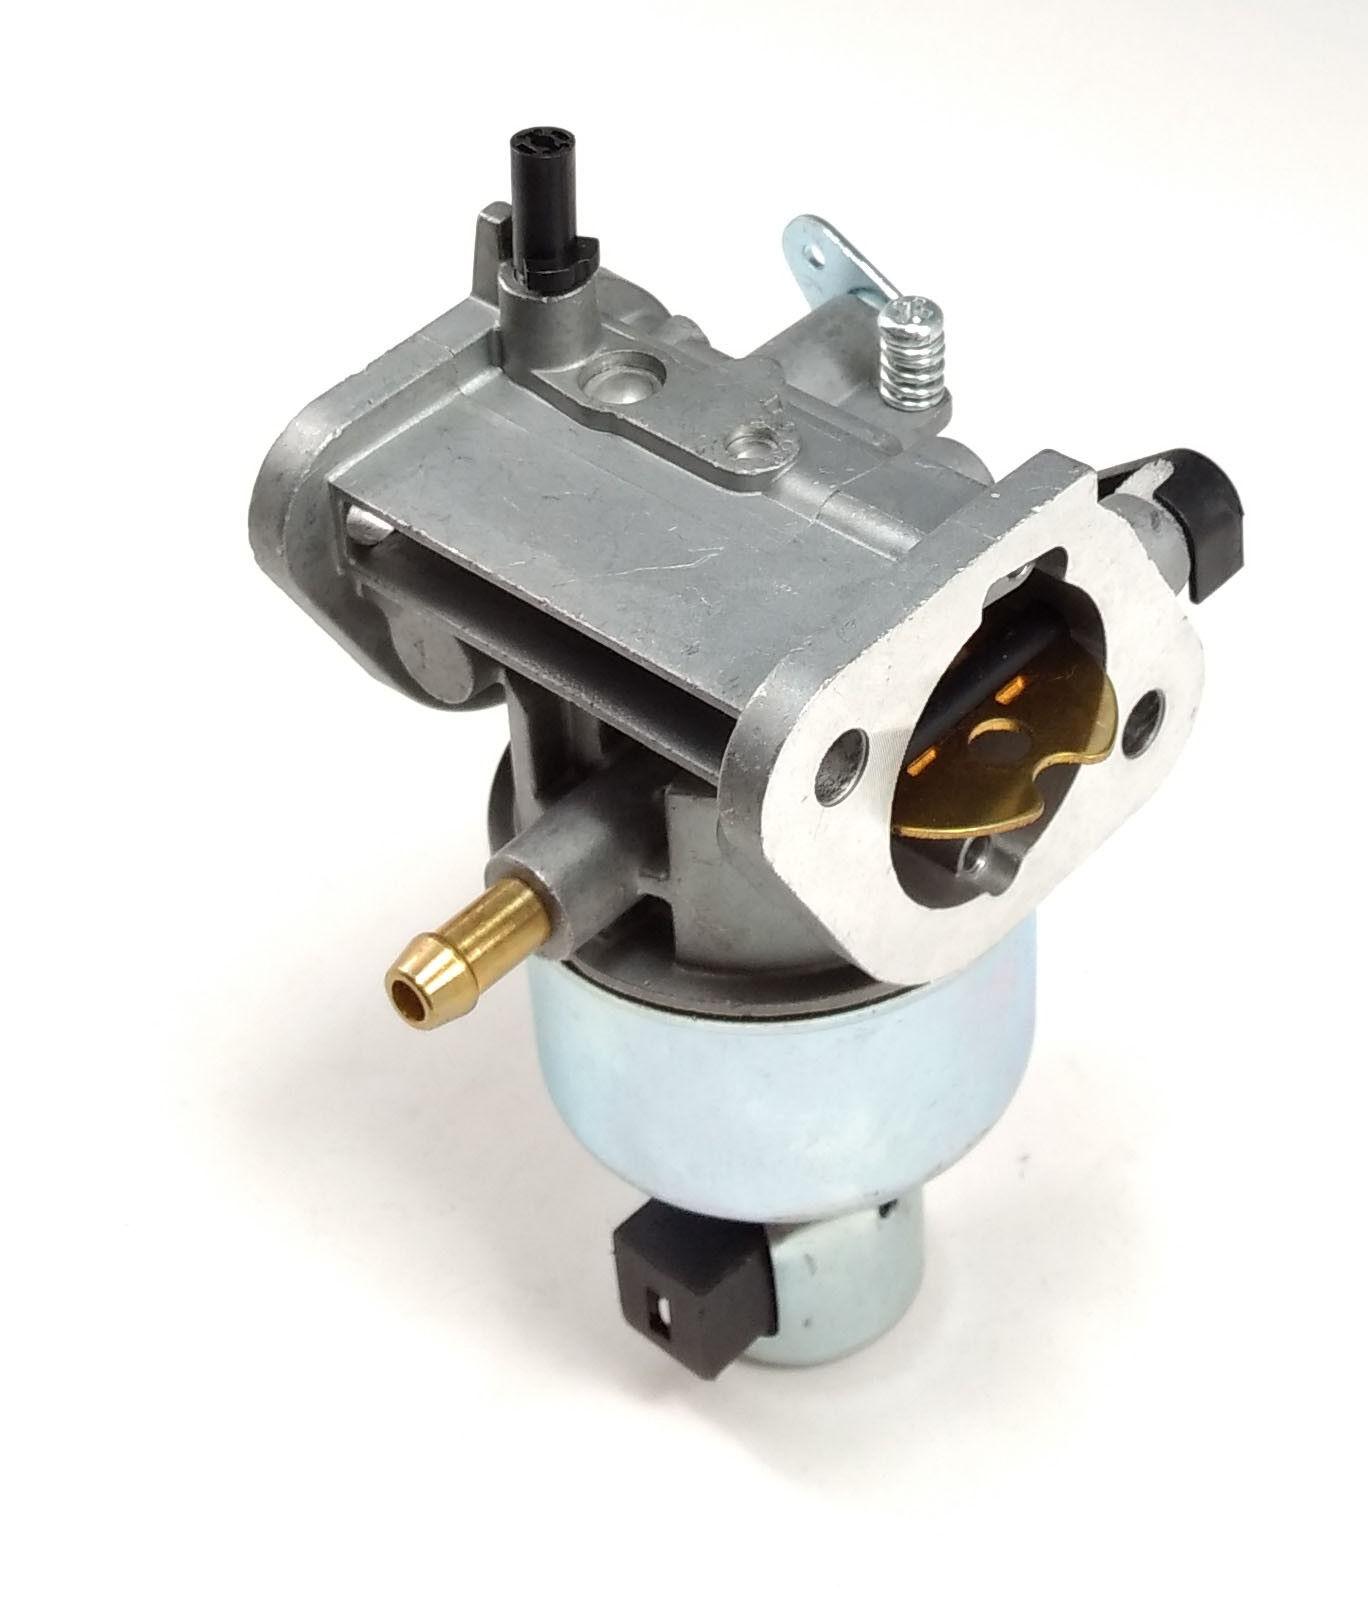 Cocheburador Para Kawasaki 15003-7081 reemplazo se adapta a los motores de ciclo de 4 FH580V C7082